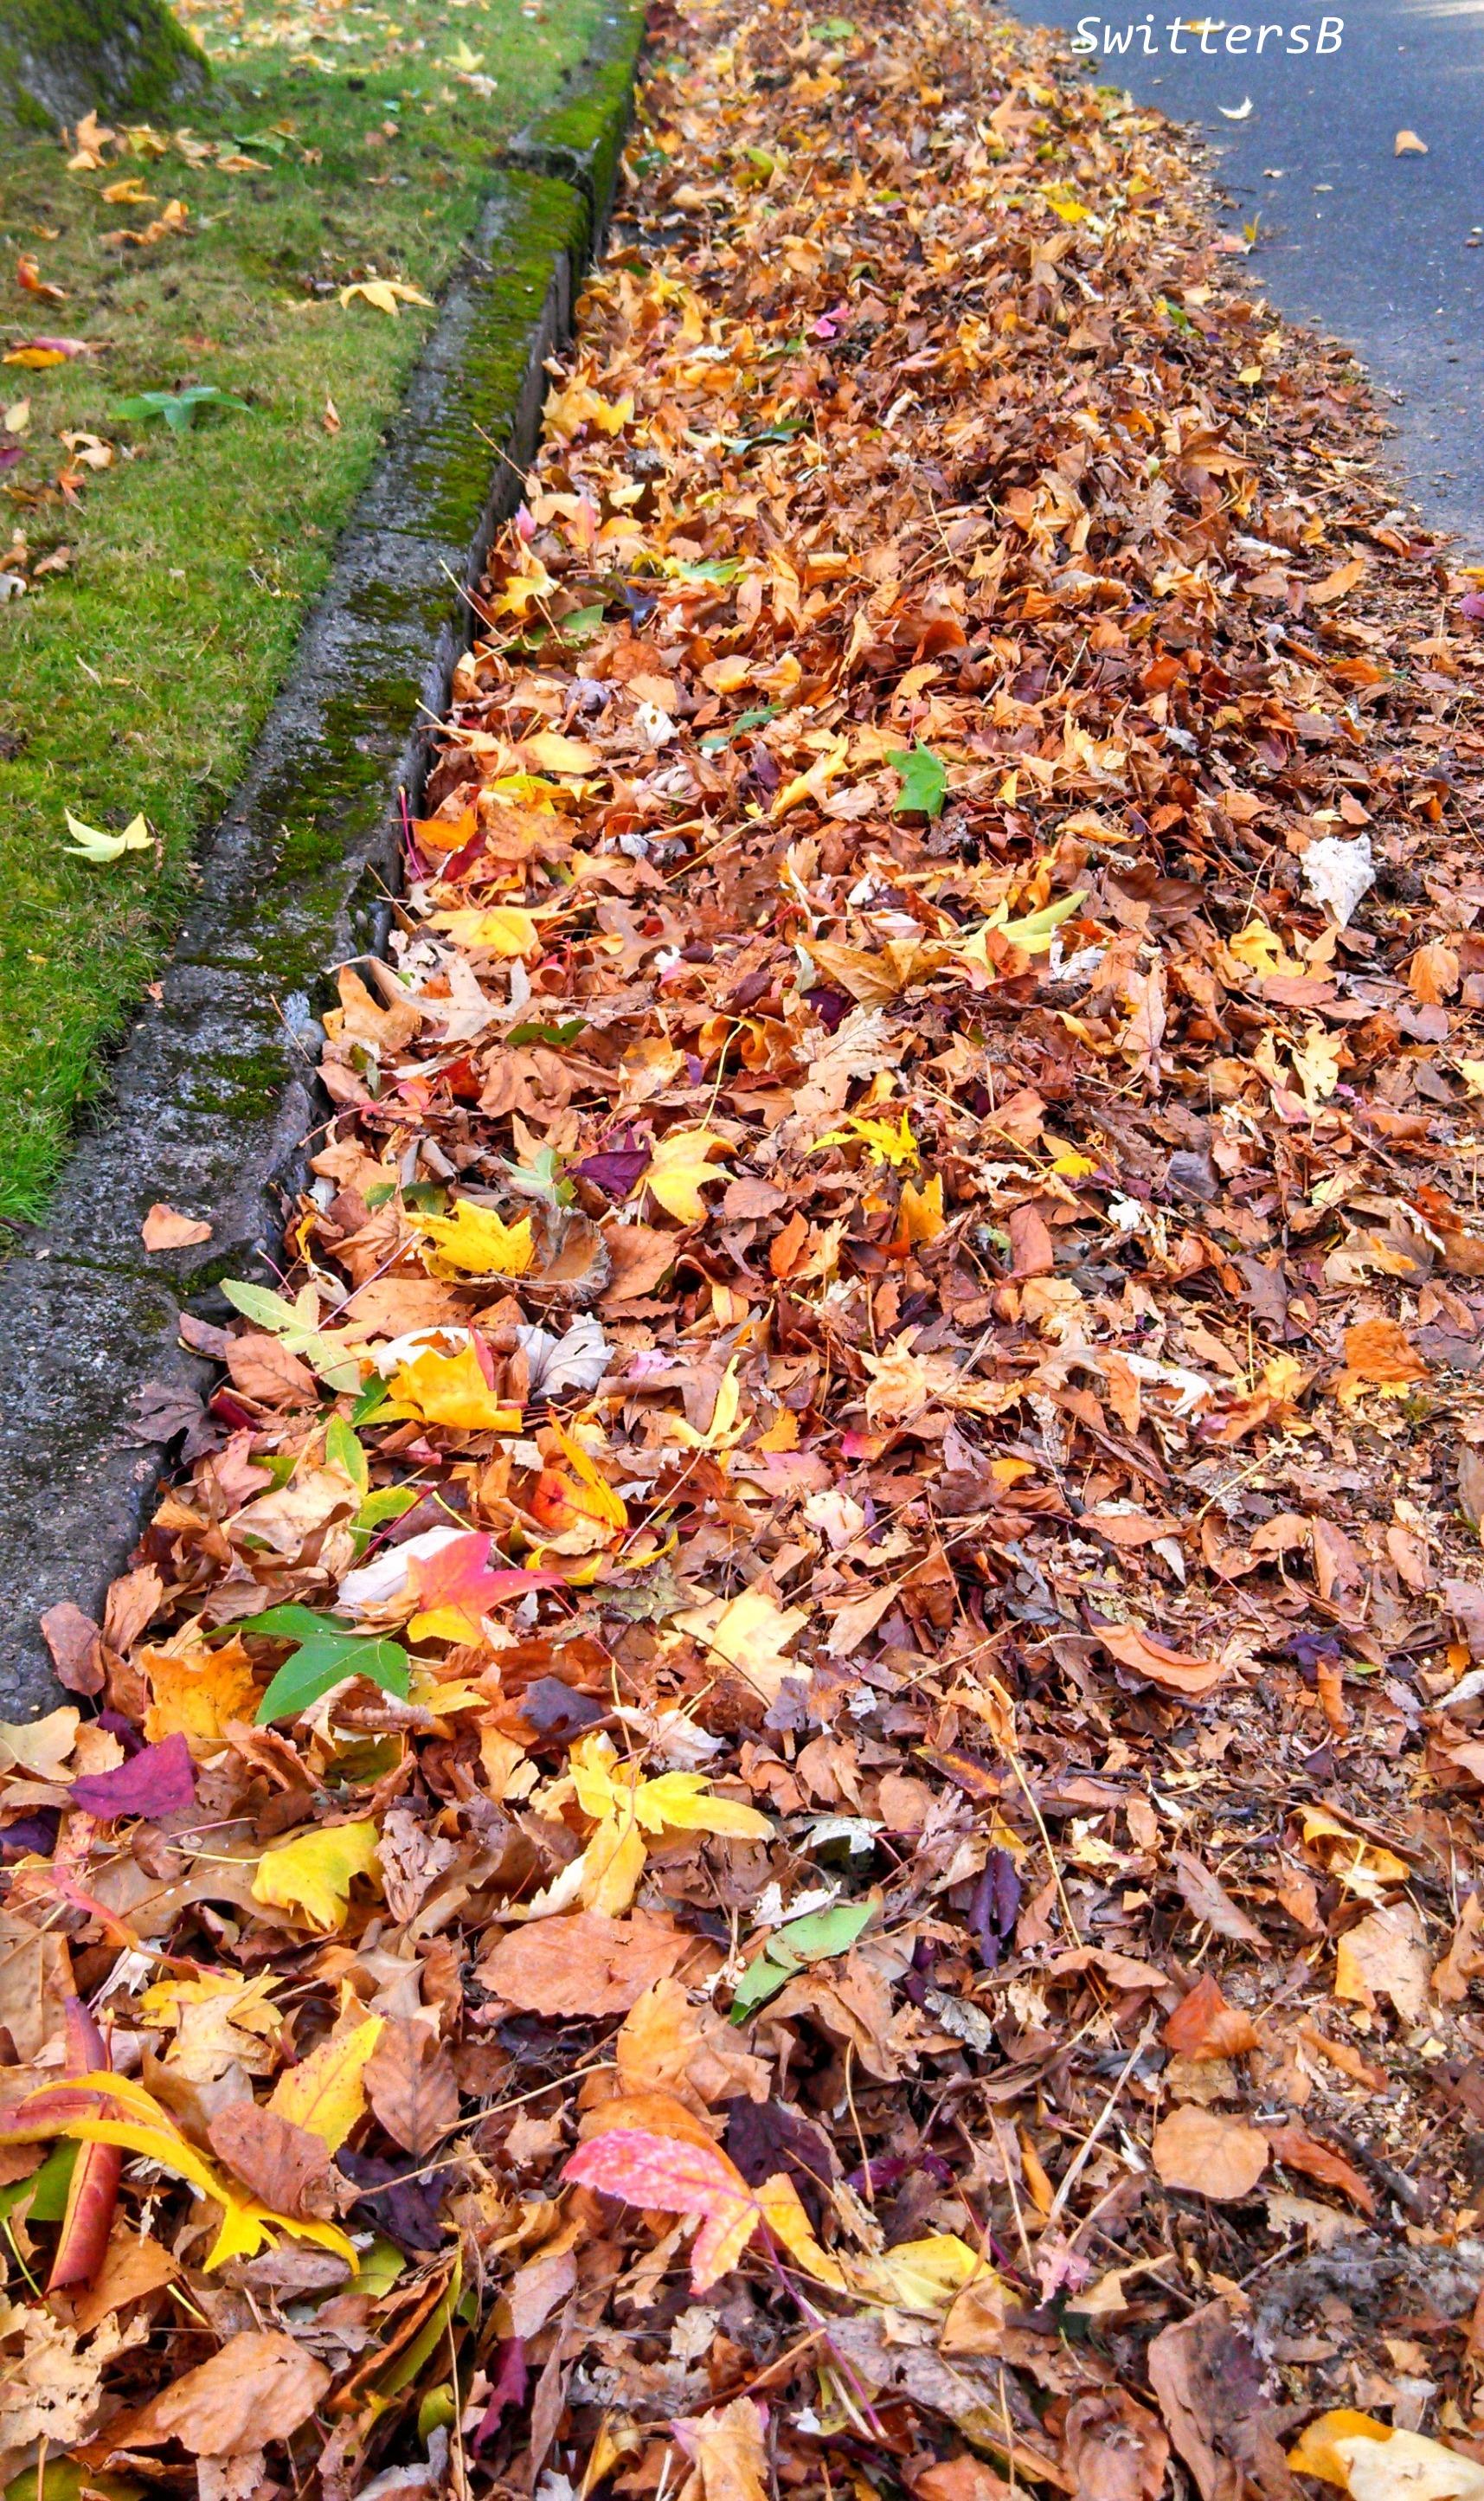 Row Leavesx SwittersB